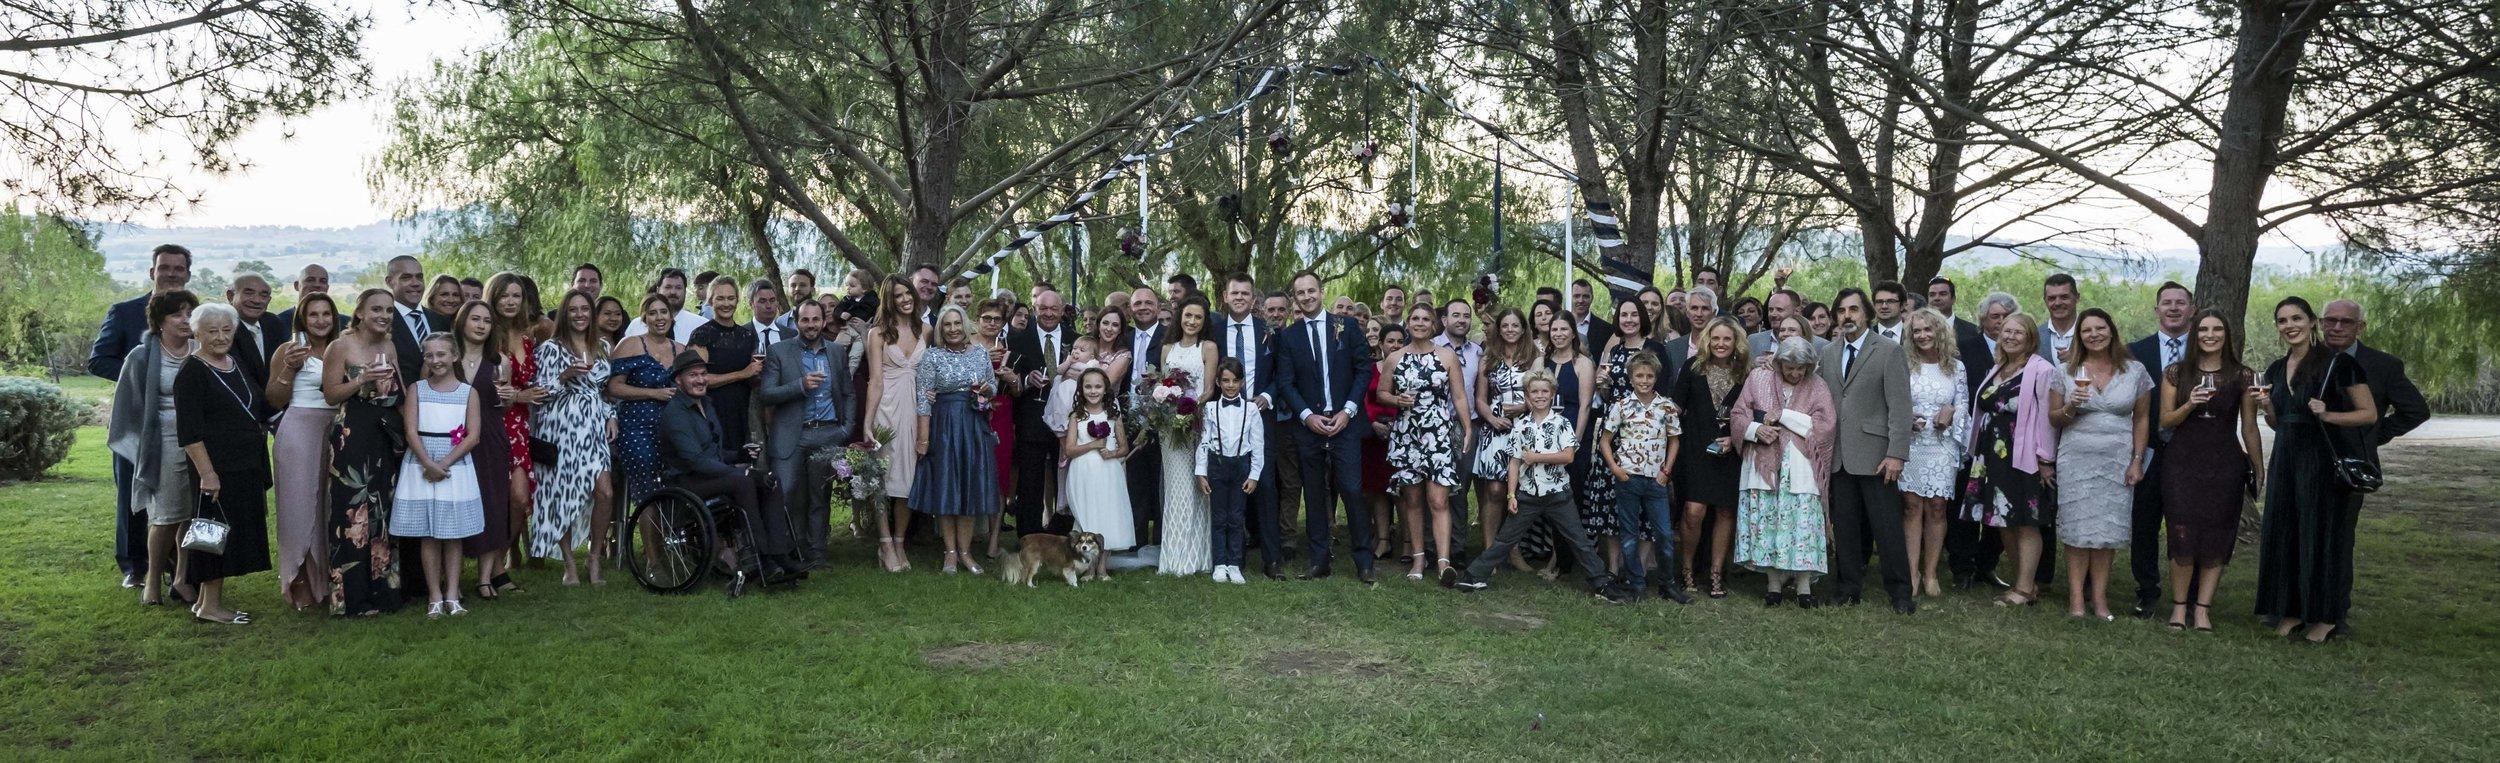 wedding761.jpg